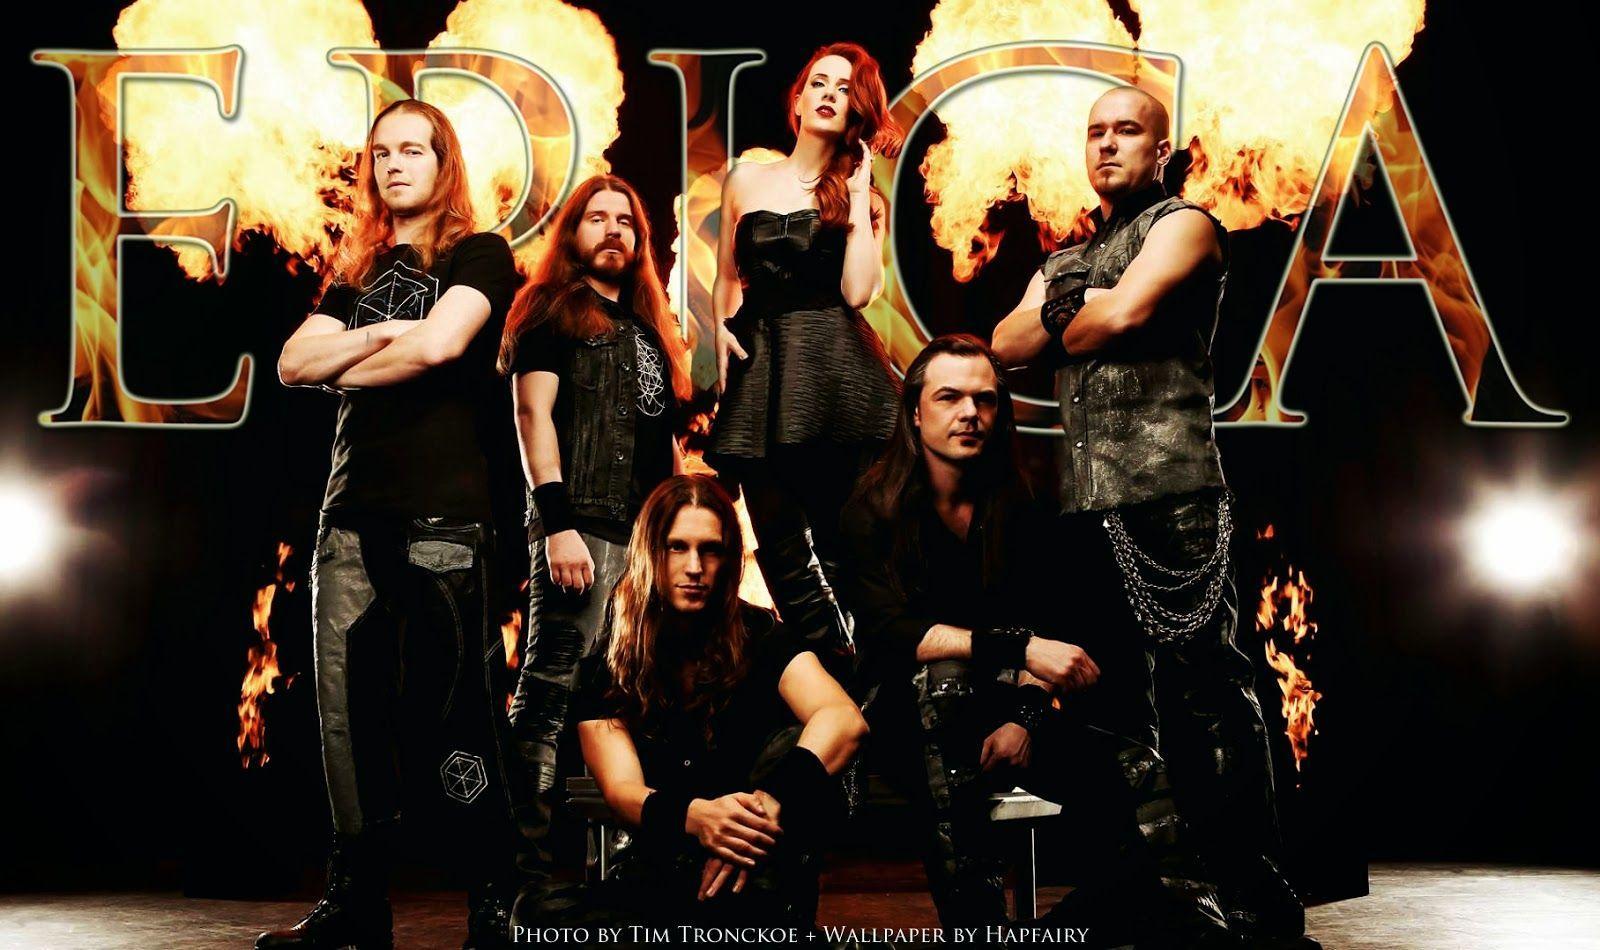 Hapfairy's World: Epica HD Wallpaper